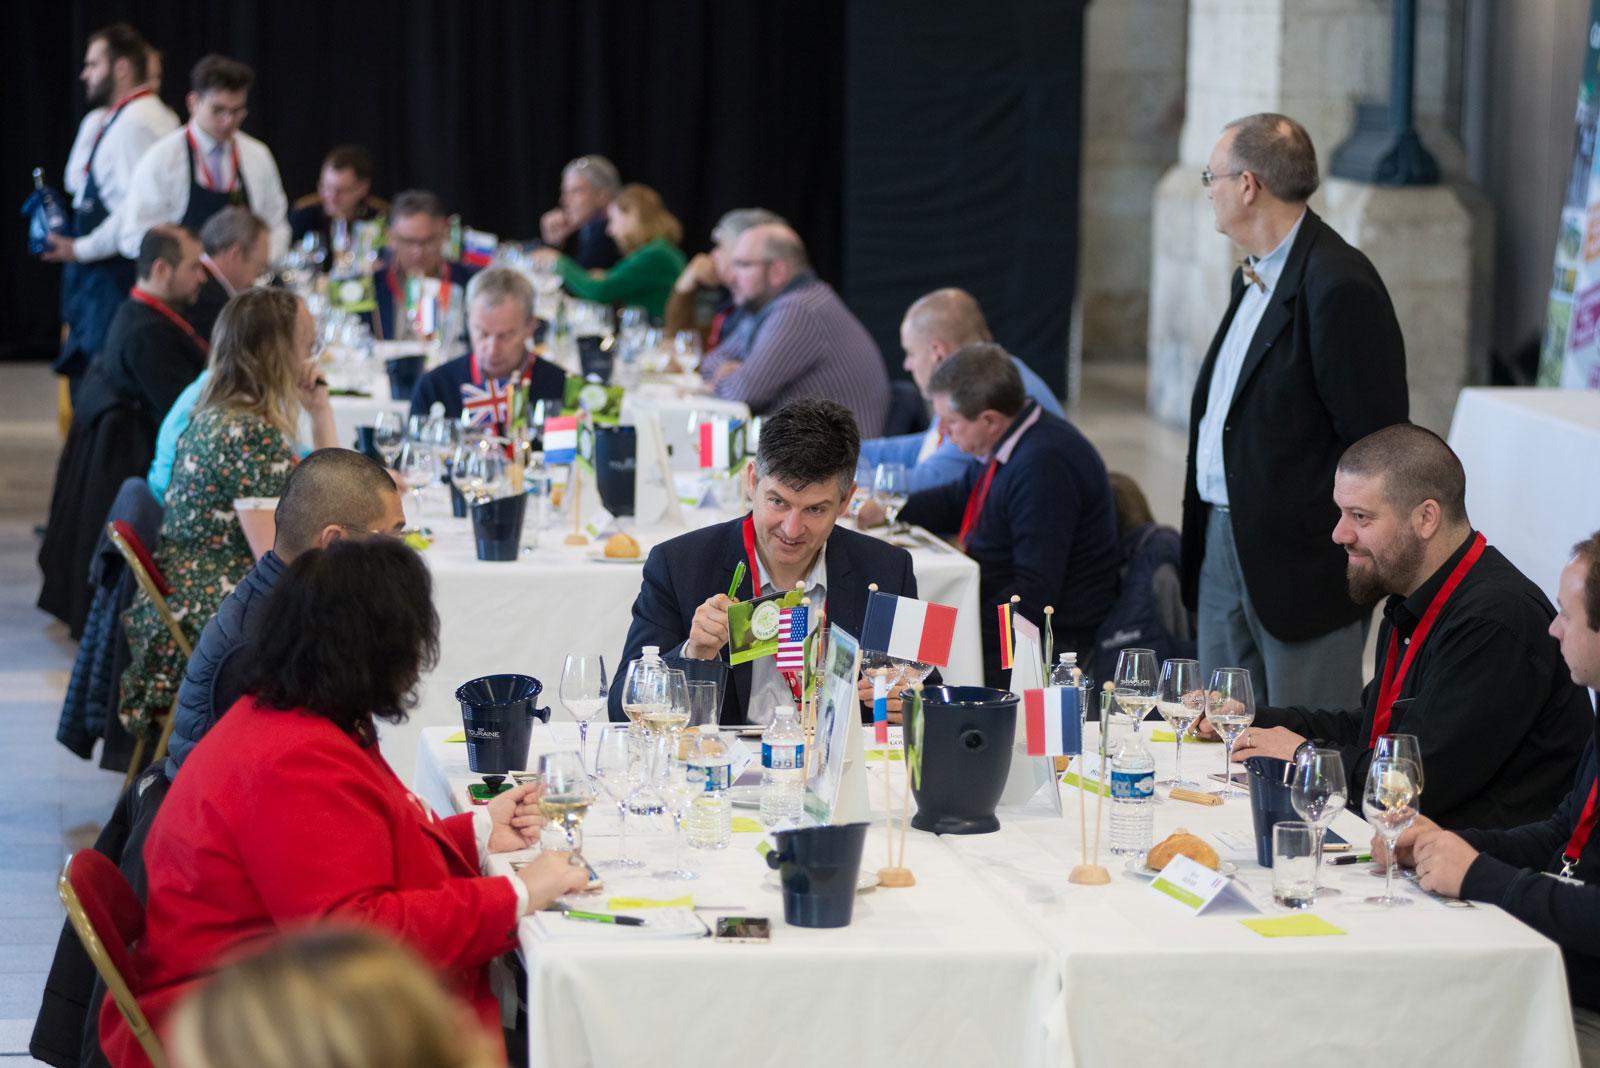 Concours-Mondial-Sauvignon-Touraine-Oisly